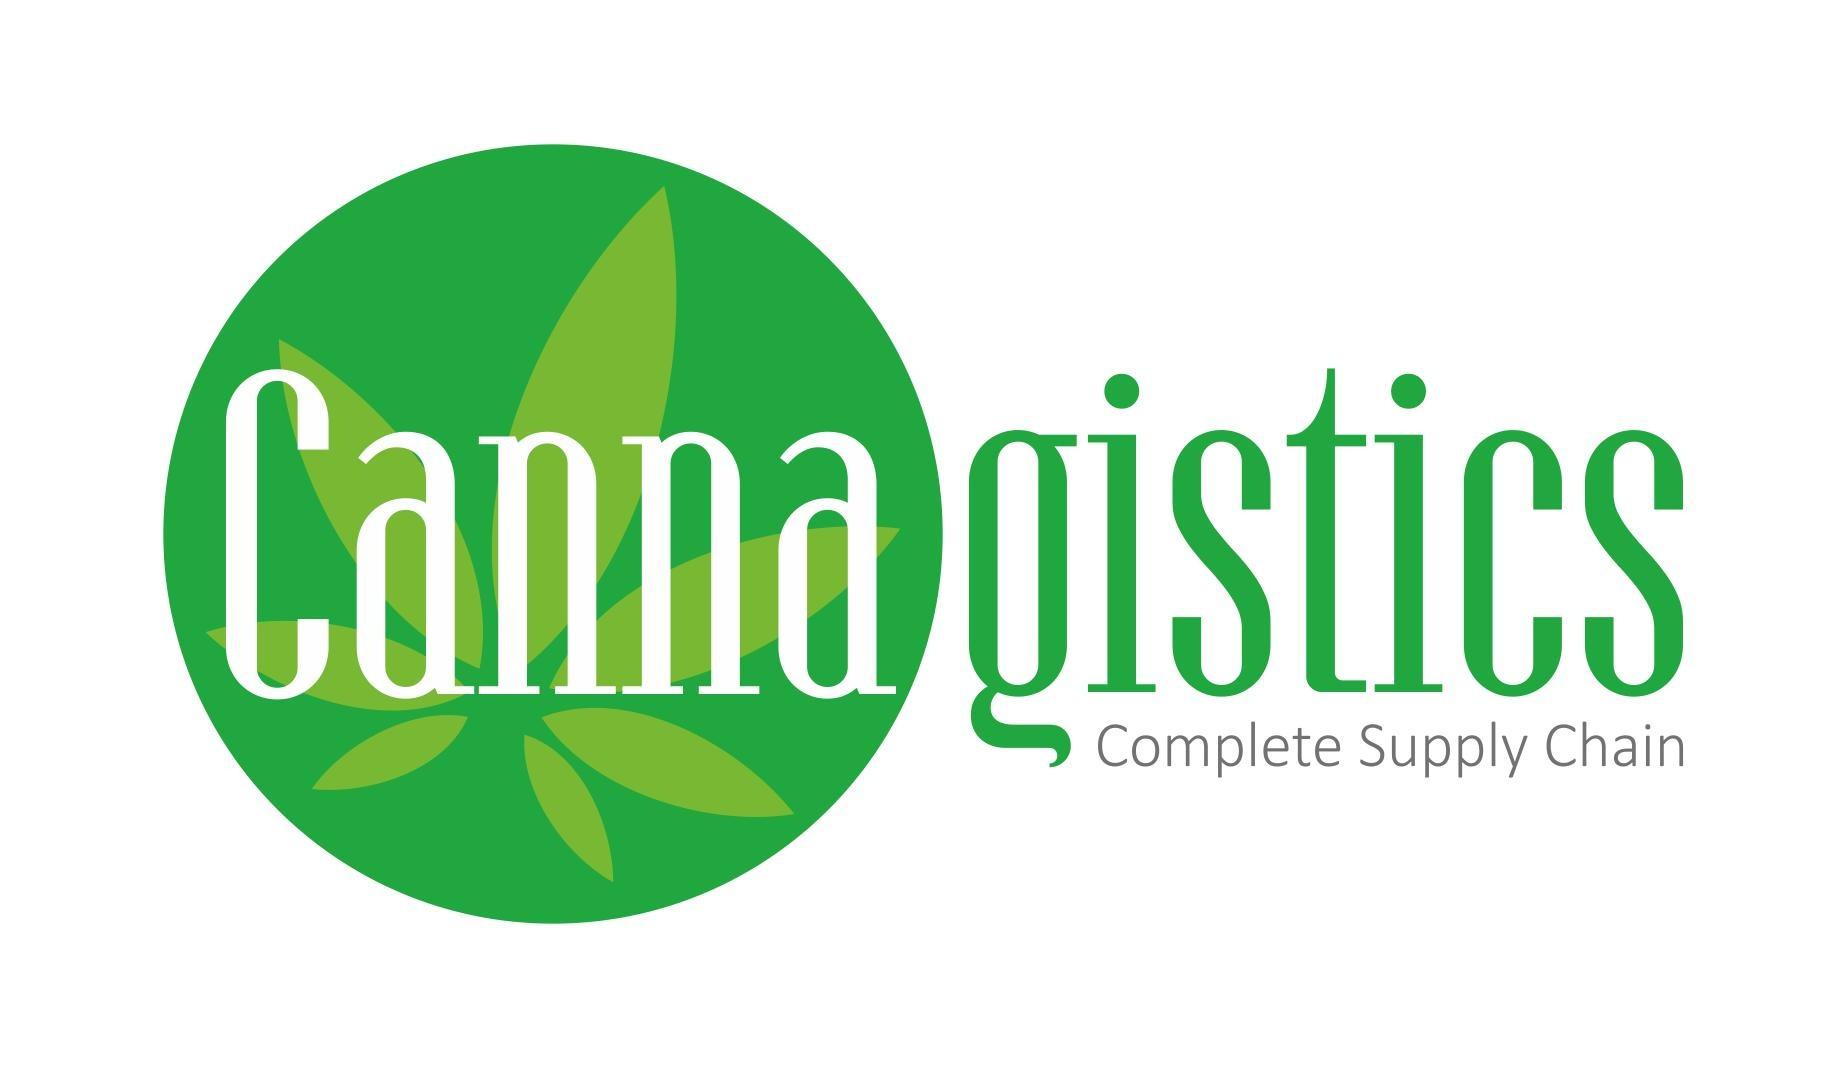 Cannagistics, Inc., Launching its SAAS Logistics Platform